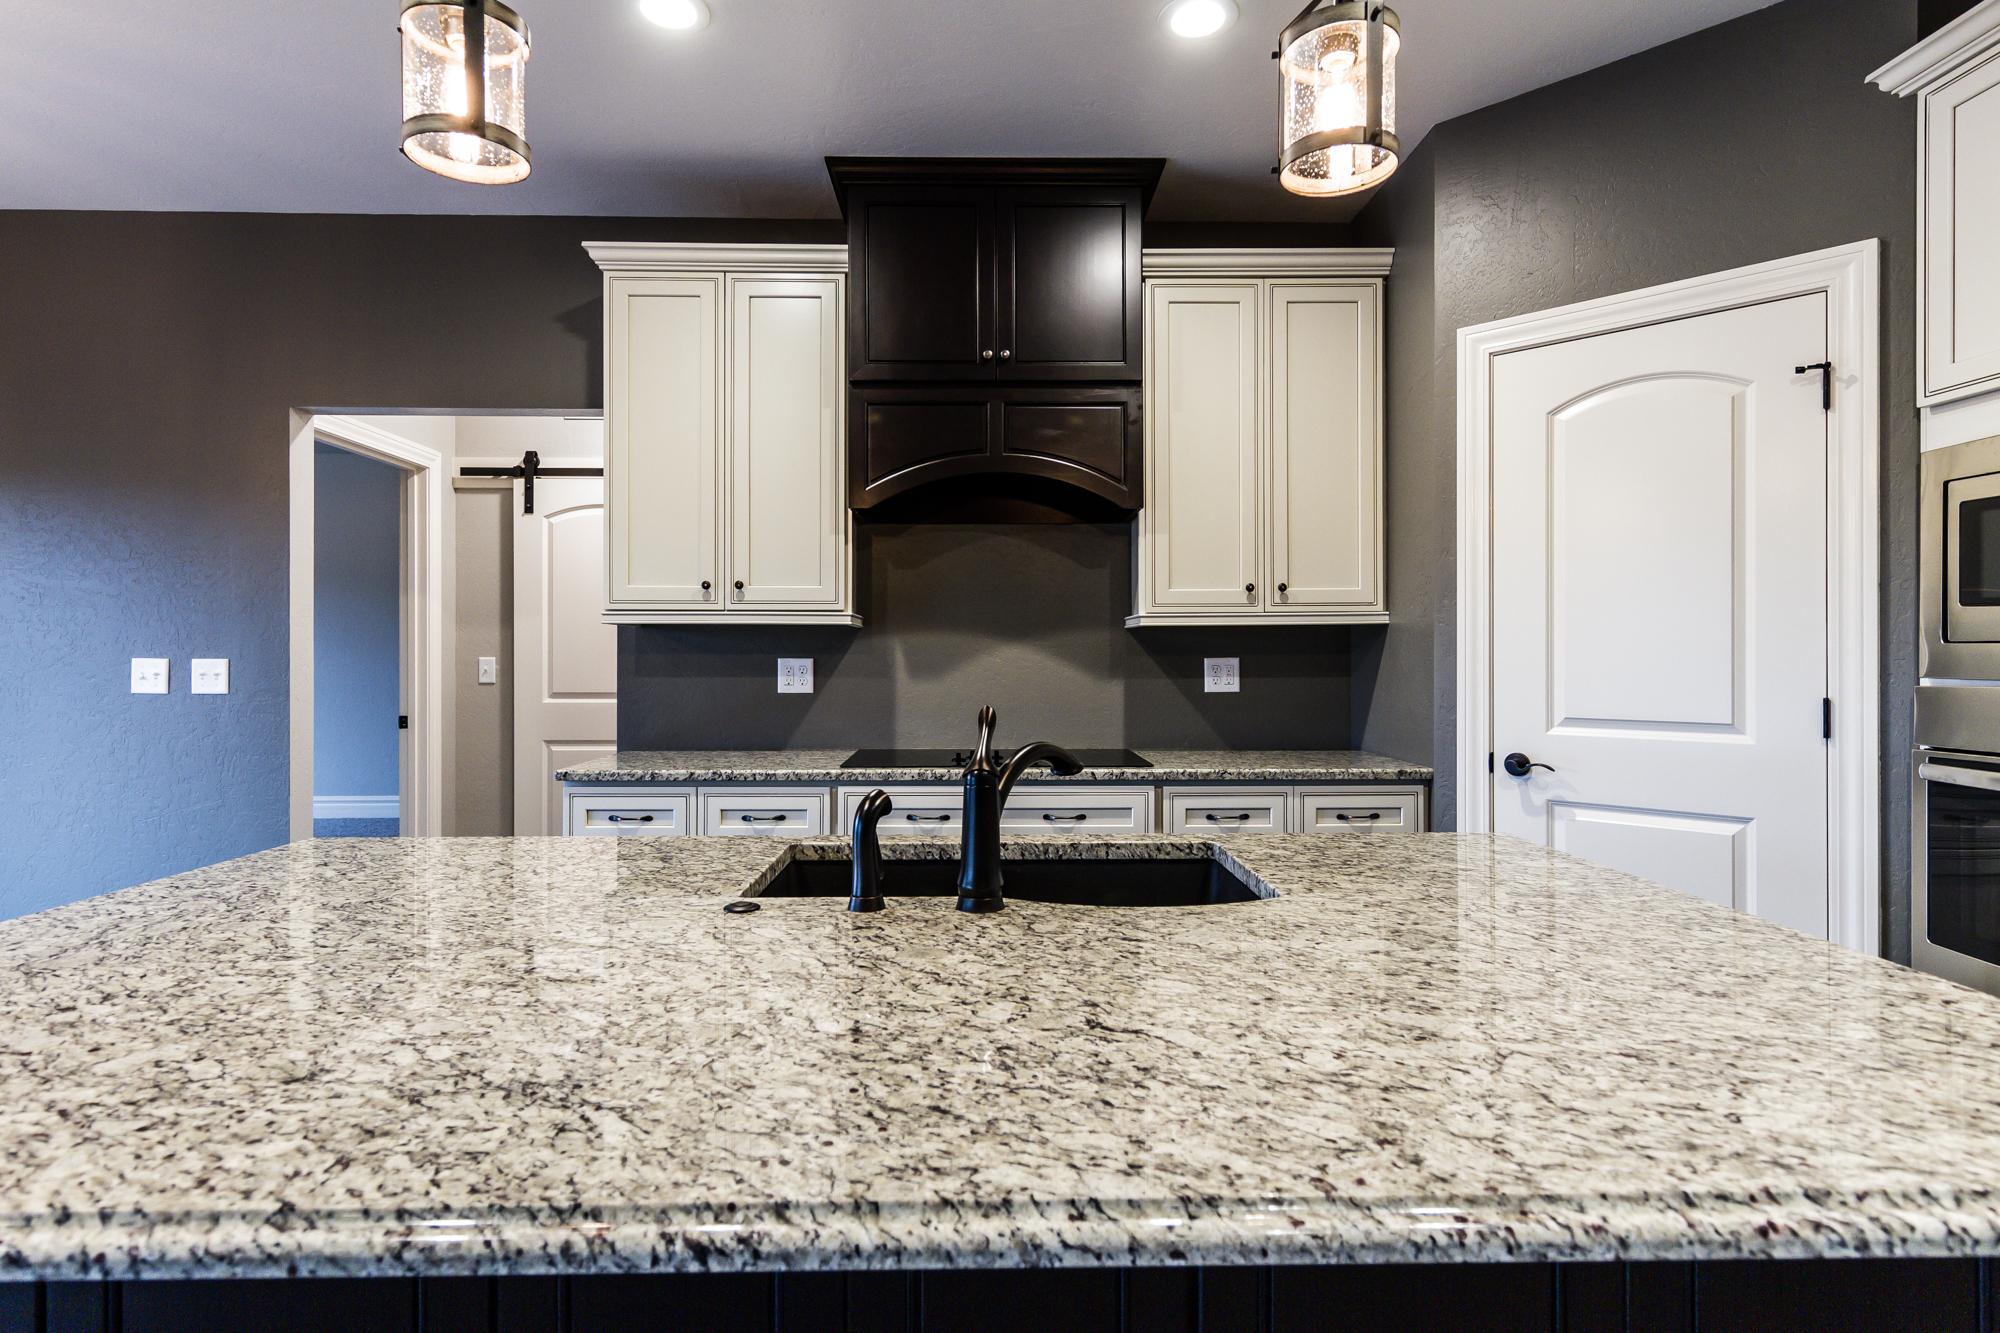 0-Scott-AFB-Real-Estate-For-Sale-O'Fallon-Illinois-62269-9.jpg